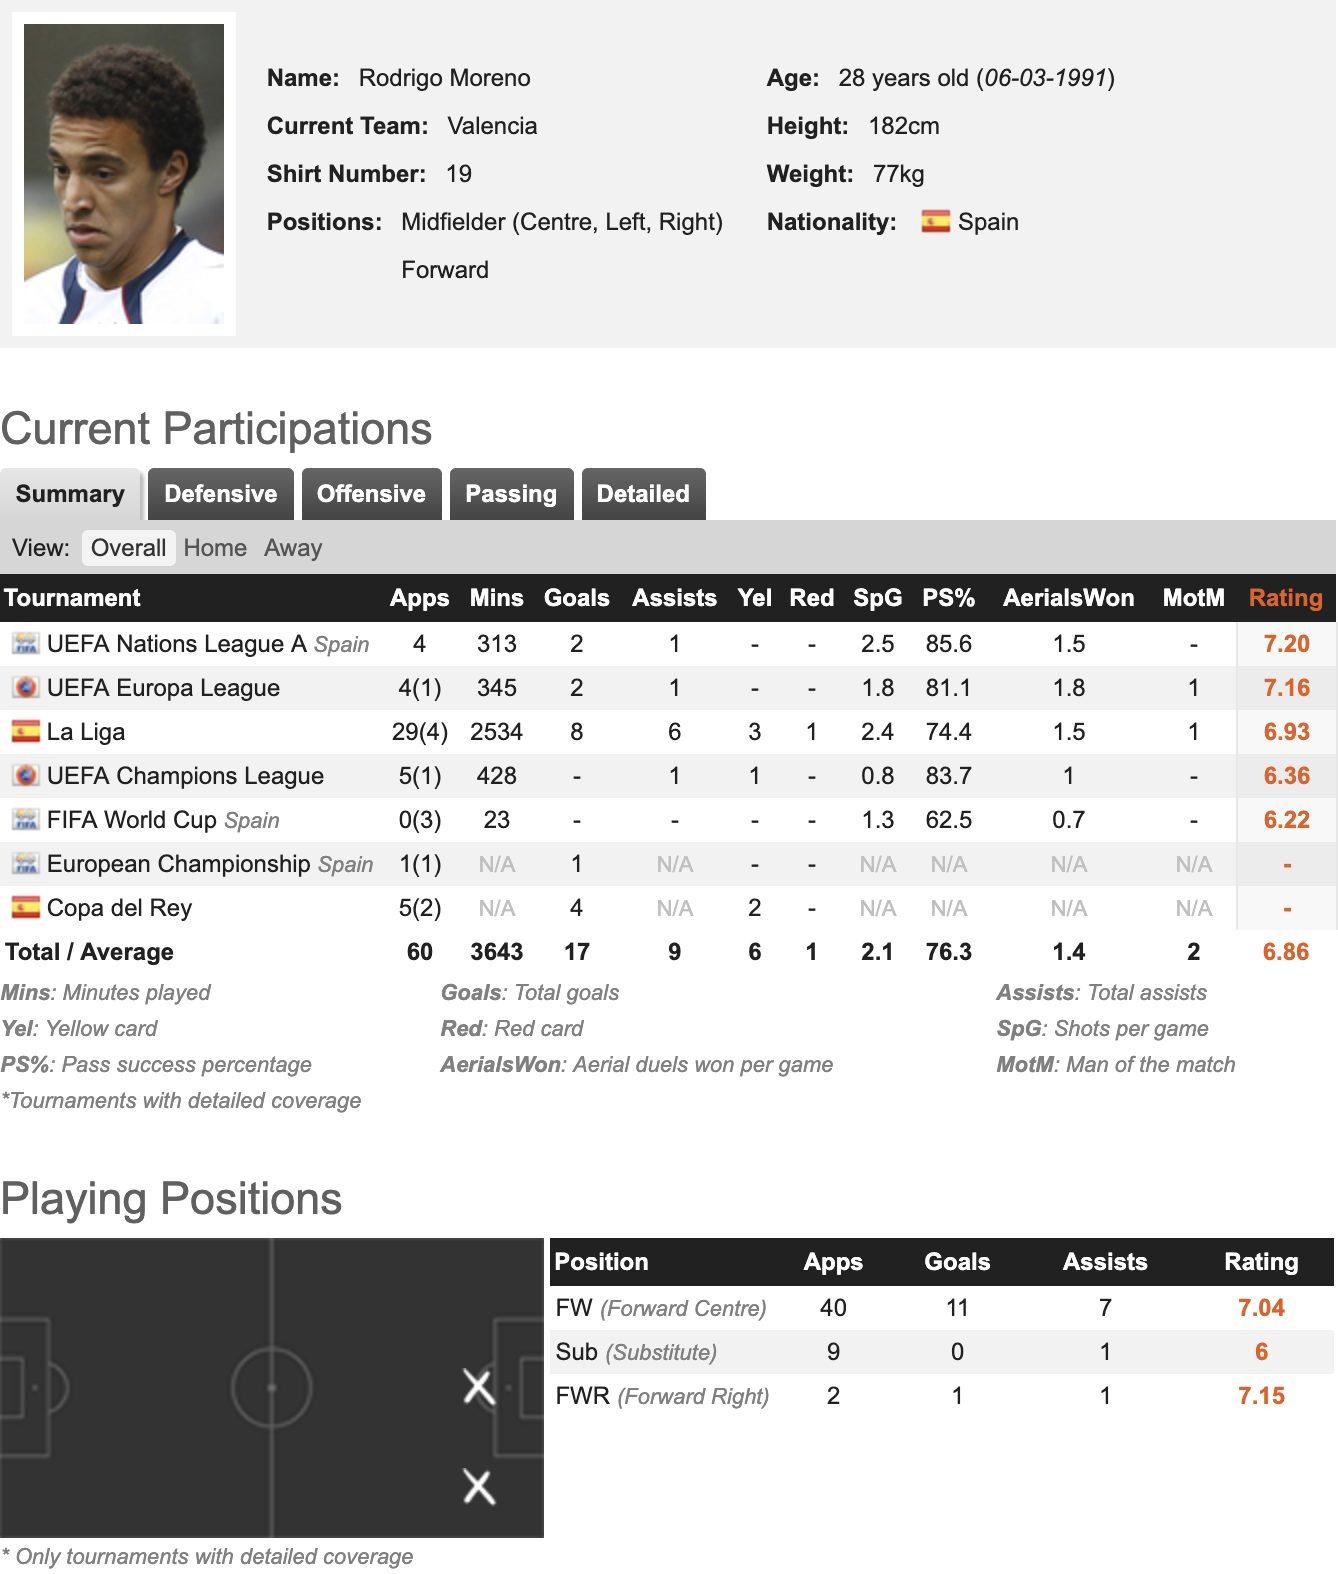 Le statistiche di Rodrigo Moreno (fonte: whoscored)